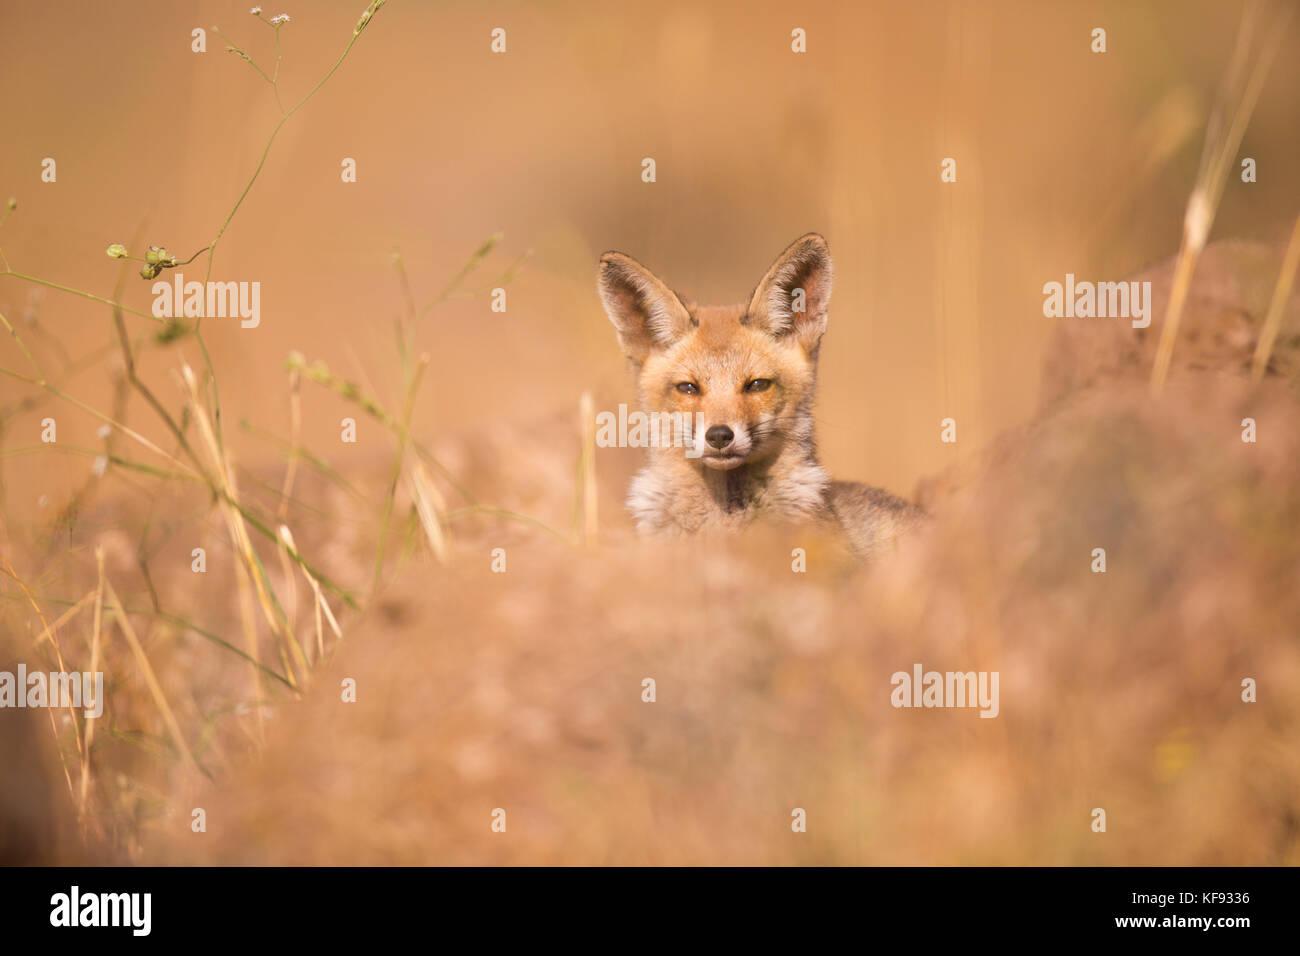 La red fox (Vulpes vulpes). Le renard roux est le plus grand des vrais renards, tout en étant le plus géographiquement Photo Stock